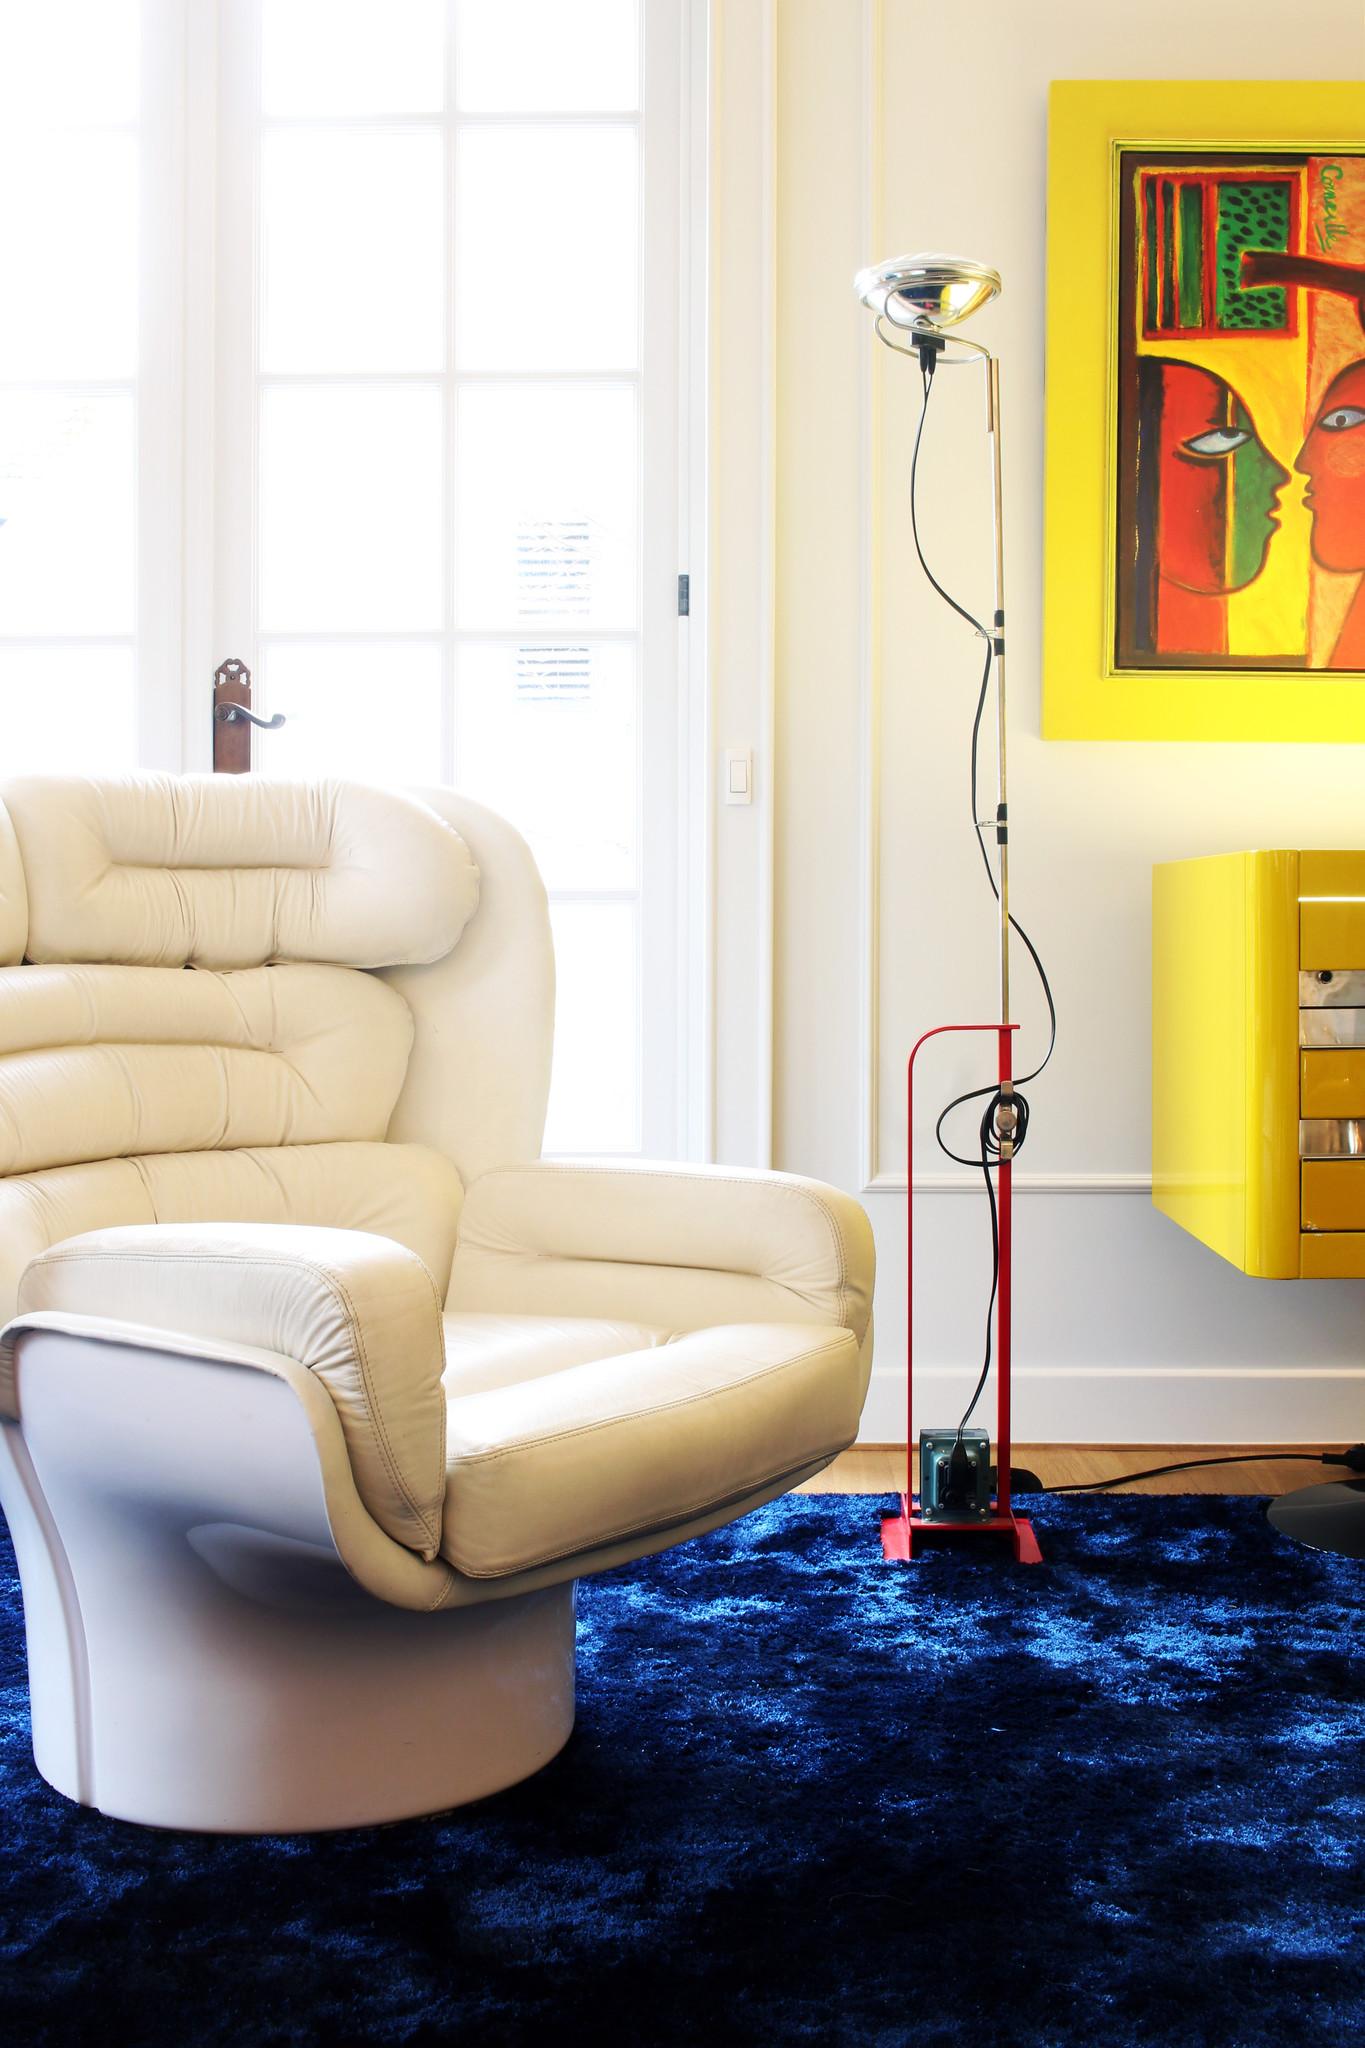 Toio floor lamp by Achille & Pier Giacomo Castiglioni